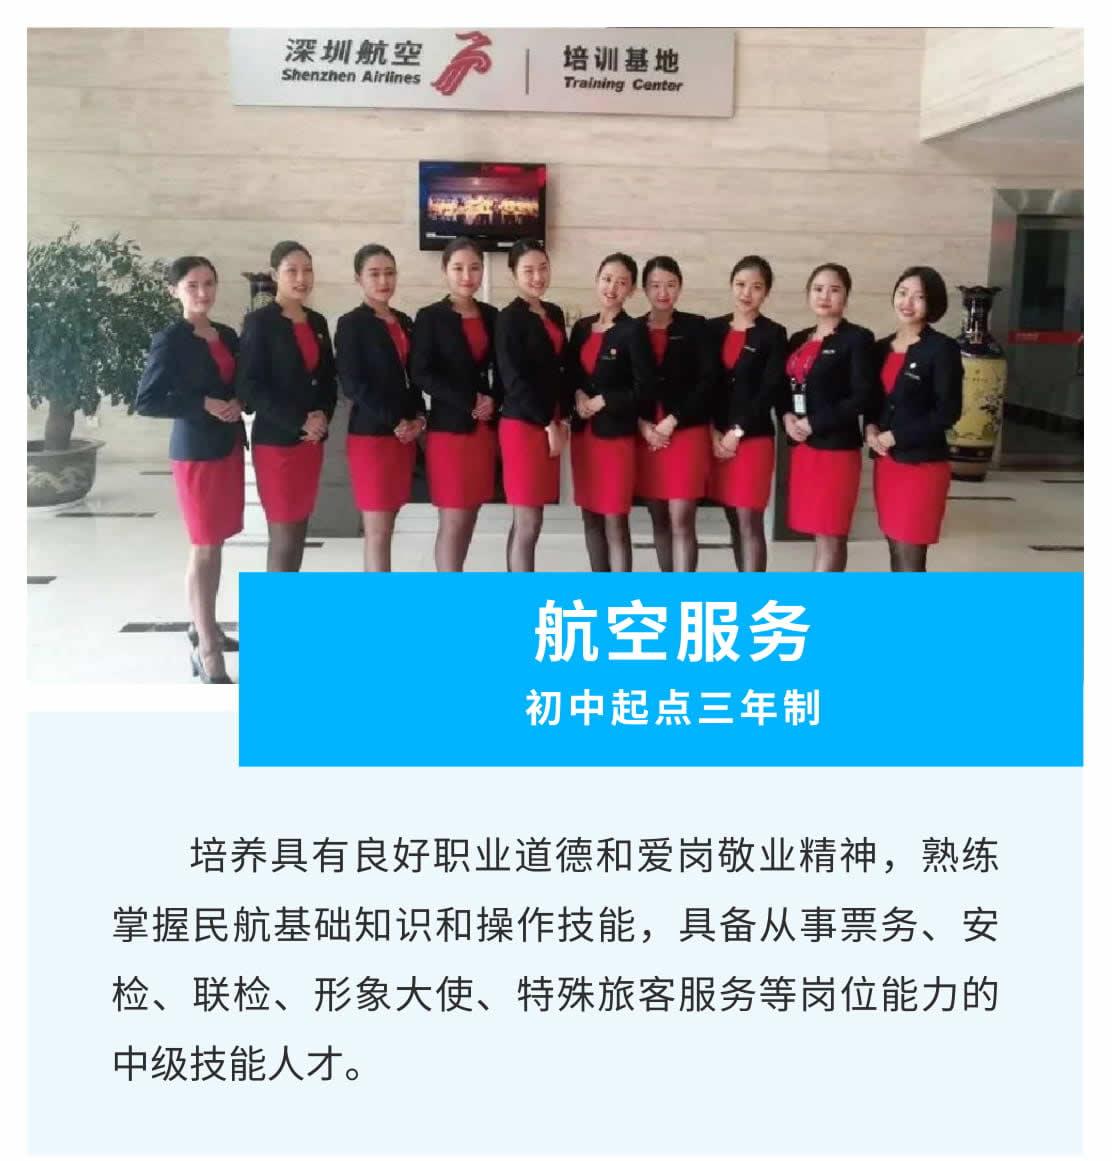 航空服务(初中起点三年制)-1_r1_c1.jpg